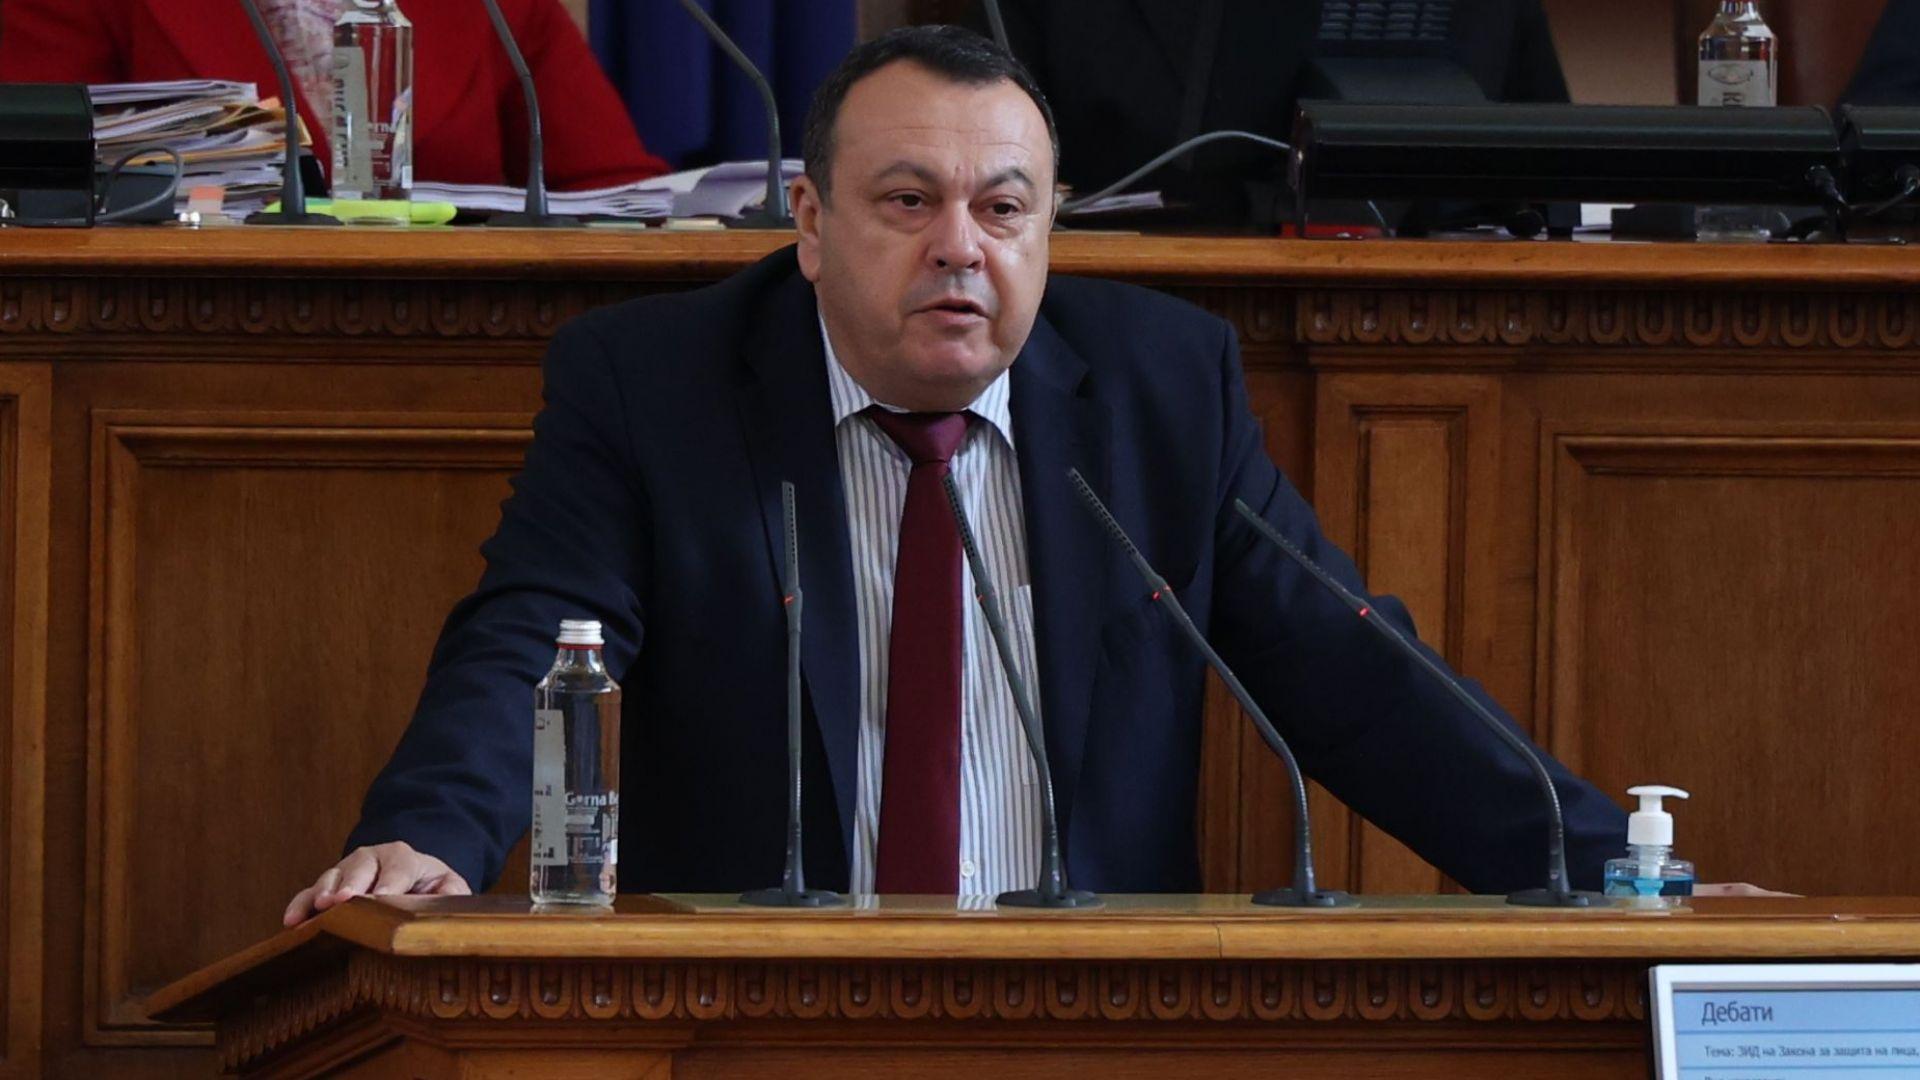 Хамид Хамид: С Кирил Петков и Асен Василев един ден може и да станем приятели